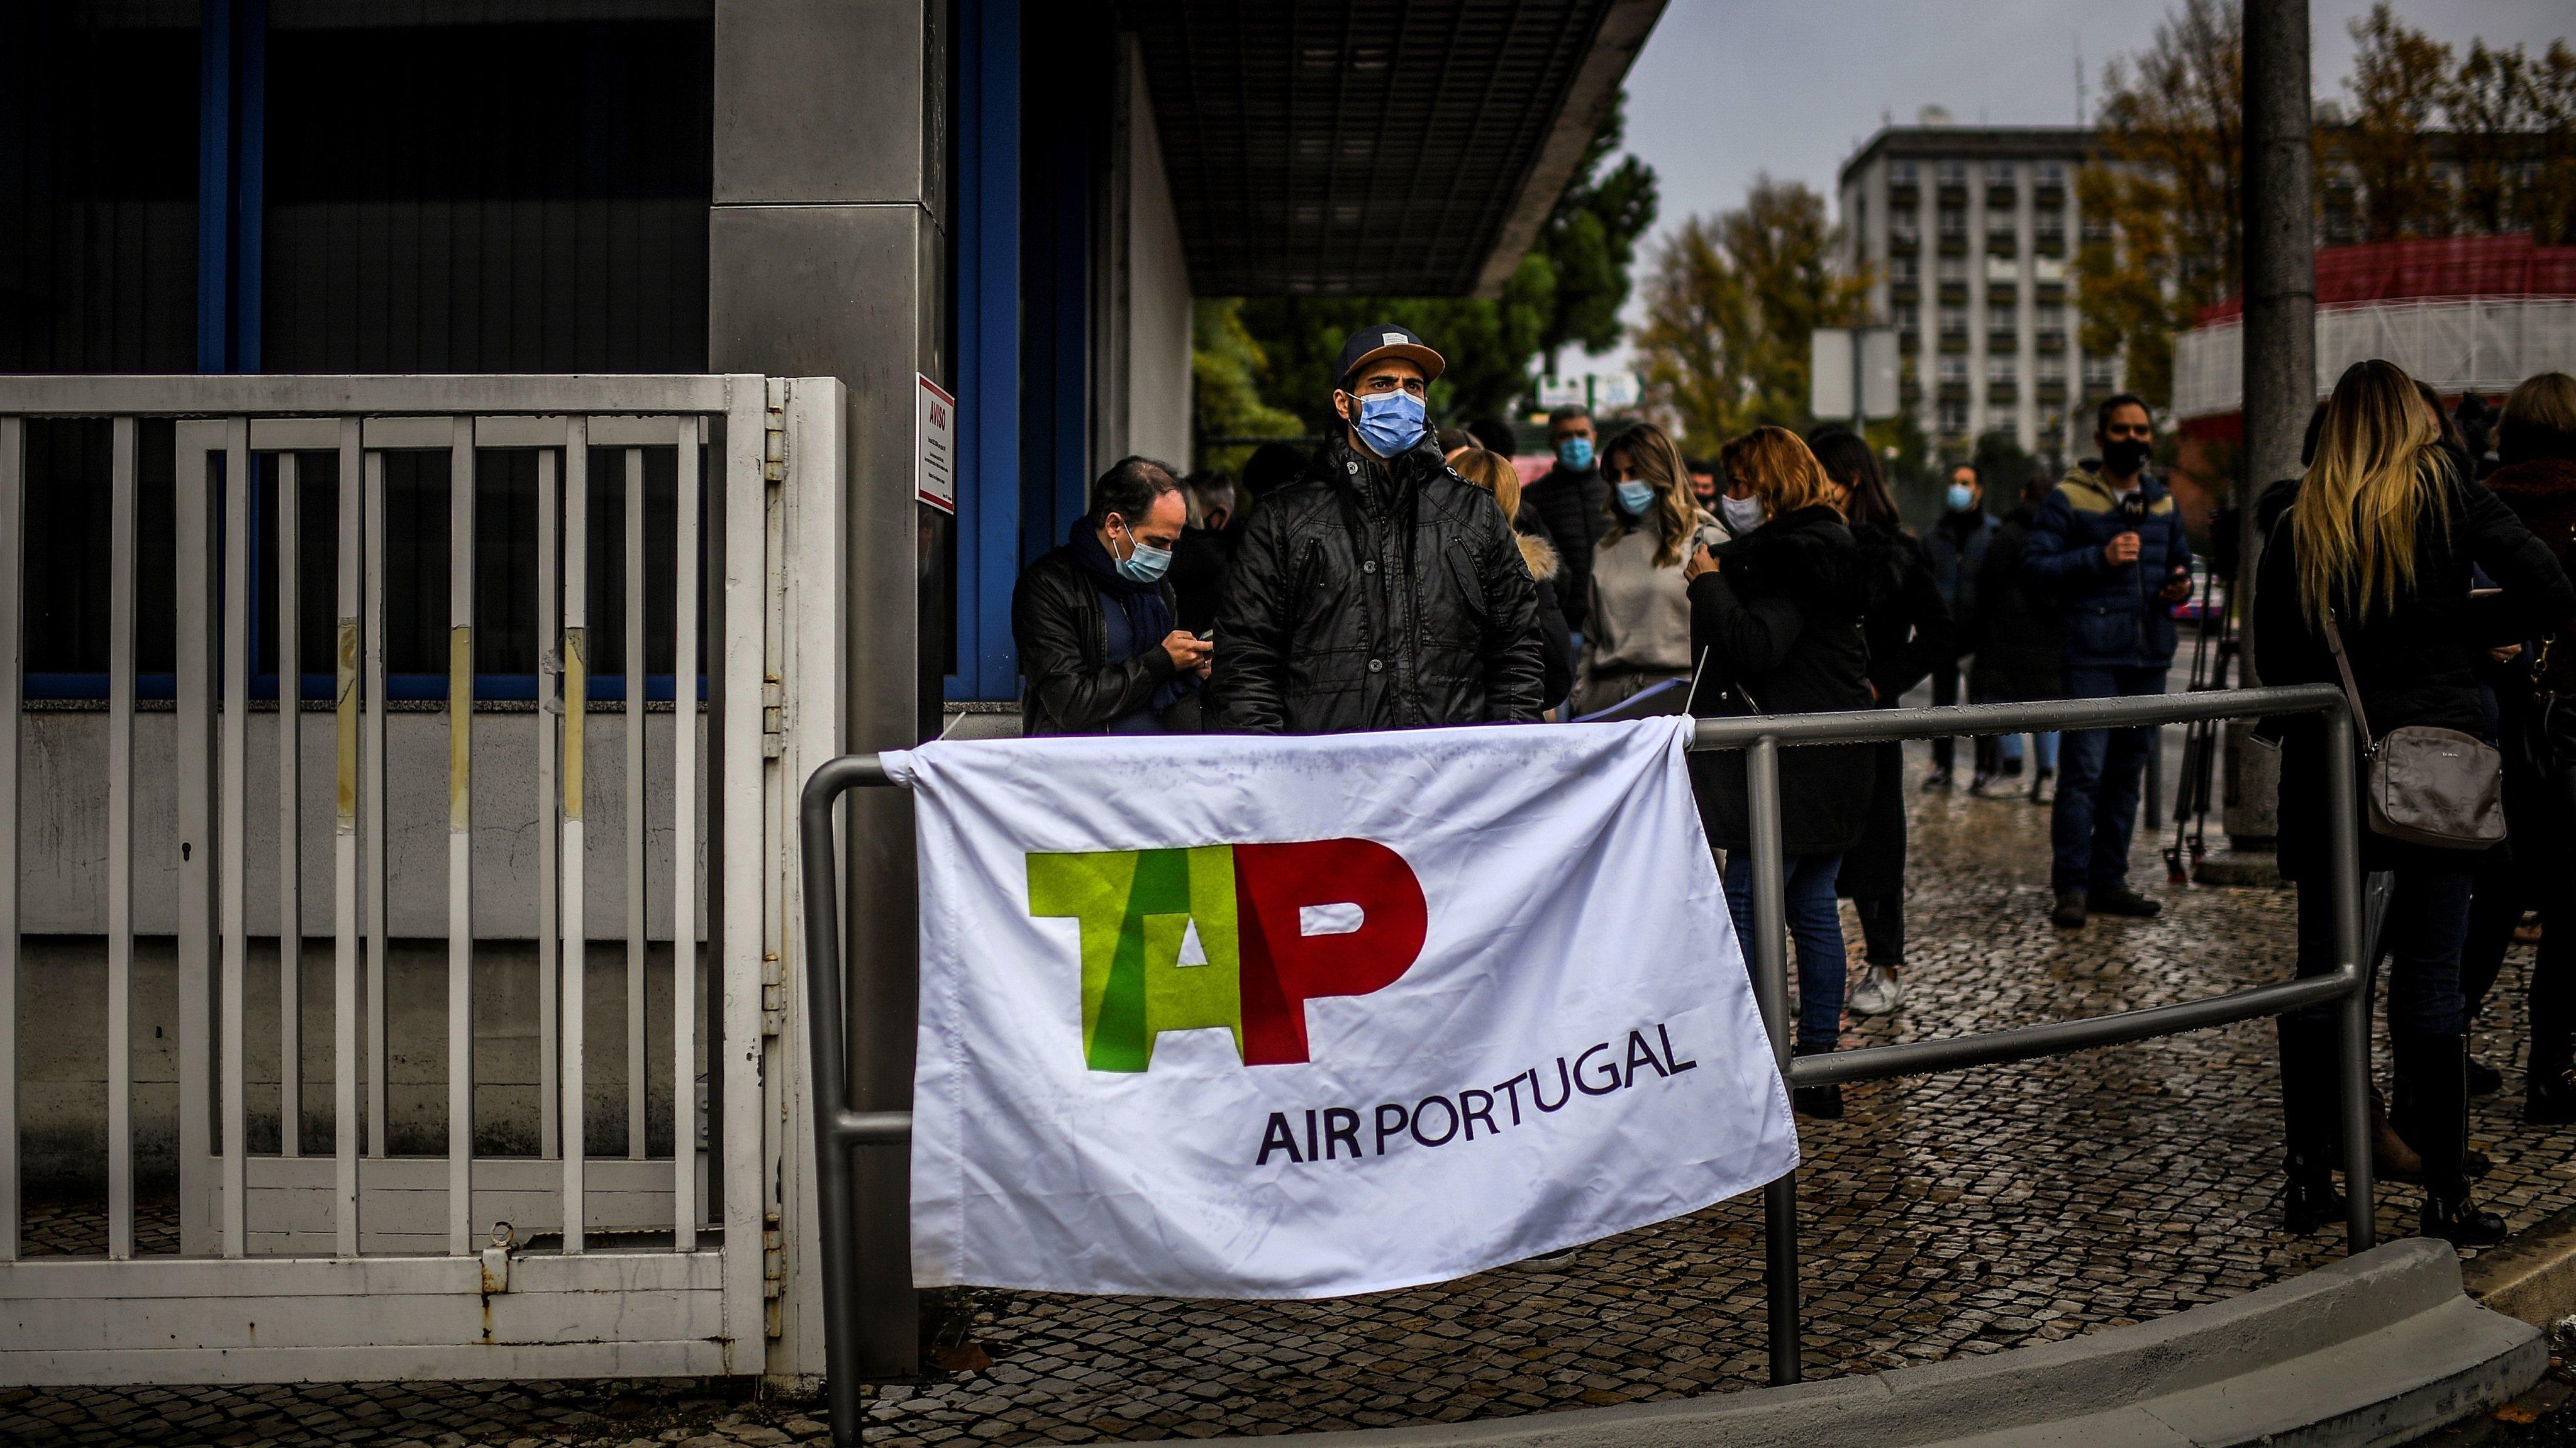 PORTUGAL-ECONOMY-AIRLINE-TAP-DEMO